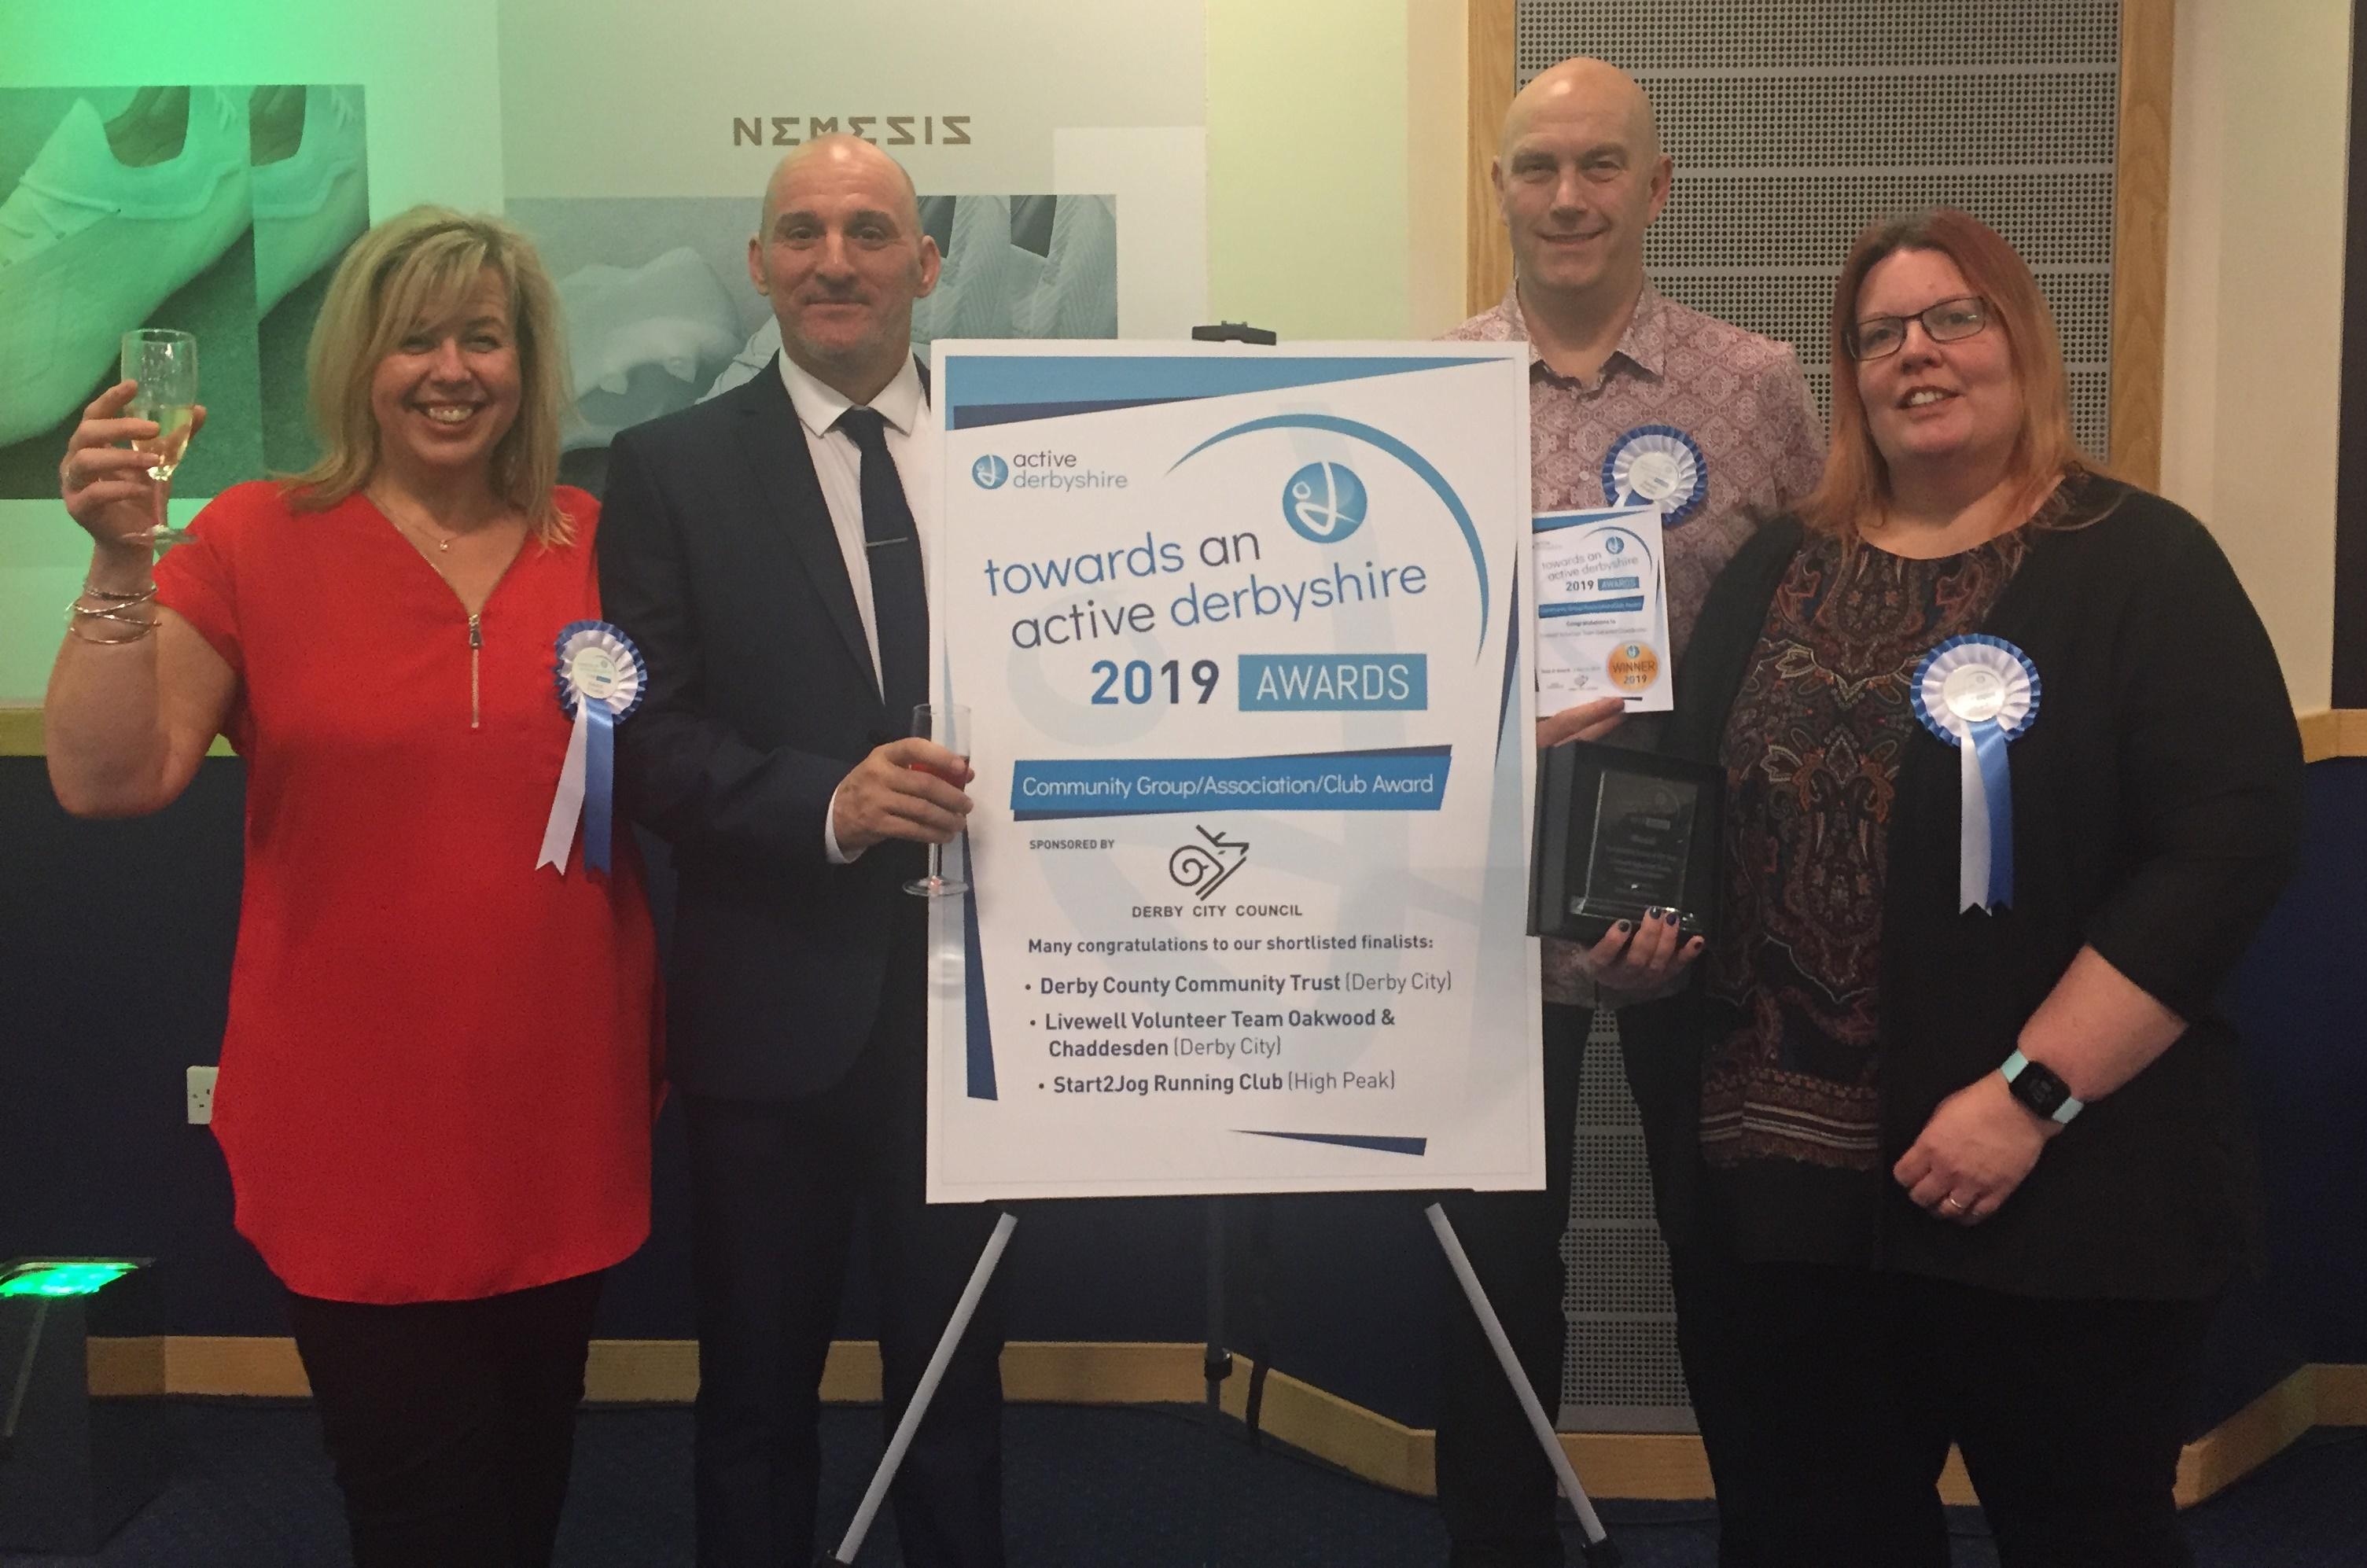 Livewell volunteers - Community Group Award winners